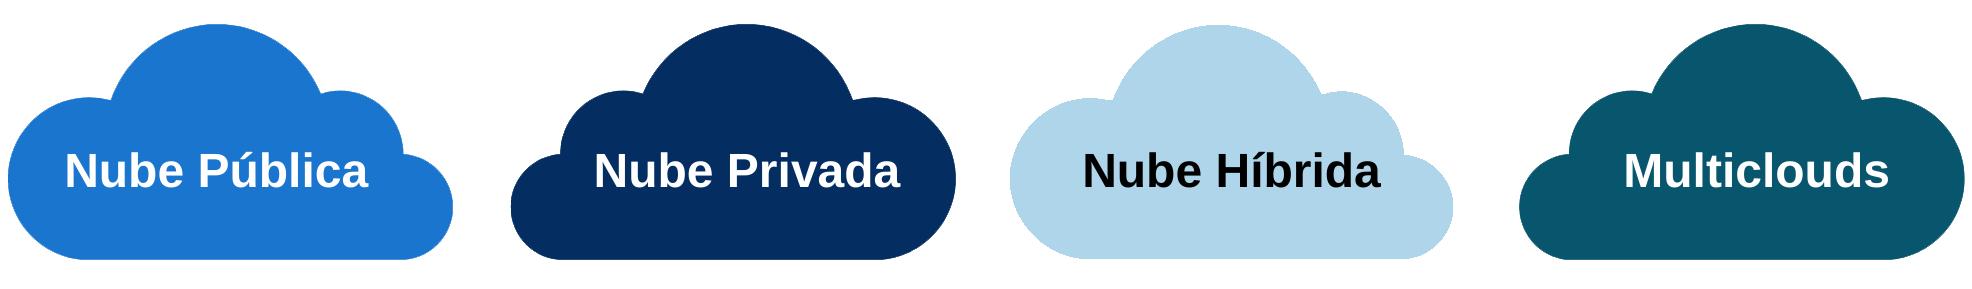 Tipos de nubes: públicas, privadas, híbridas y multiclouds